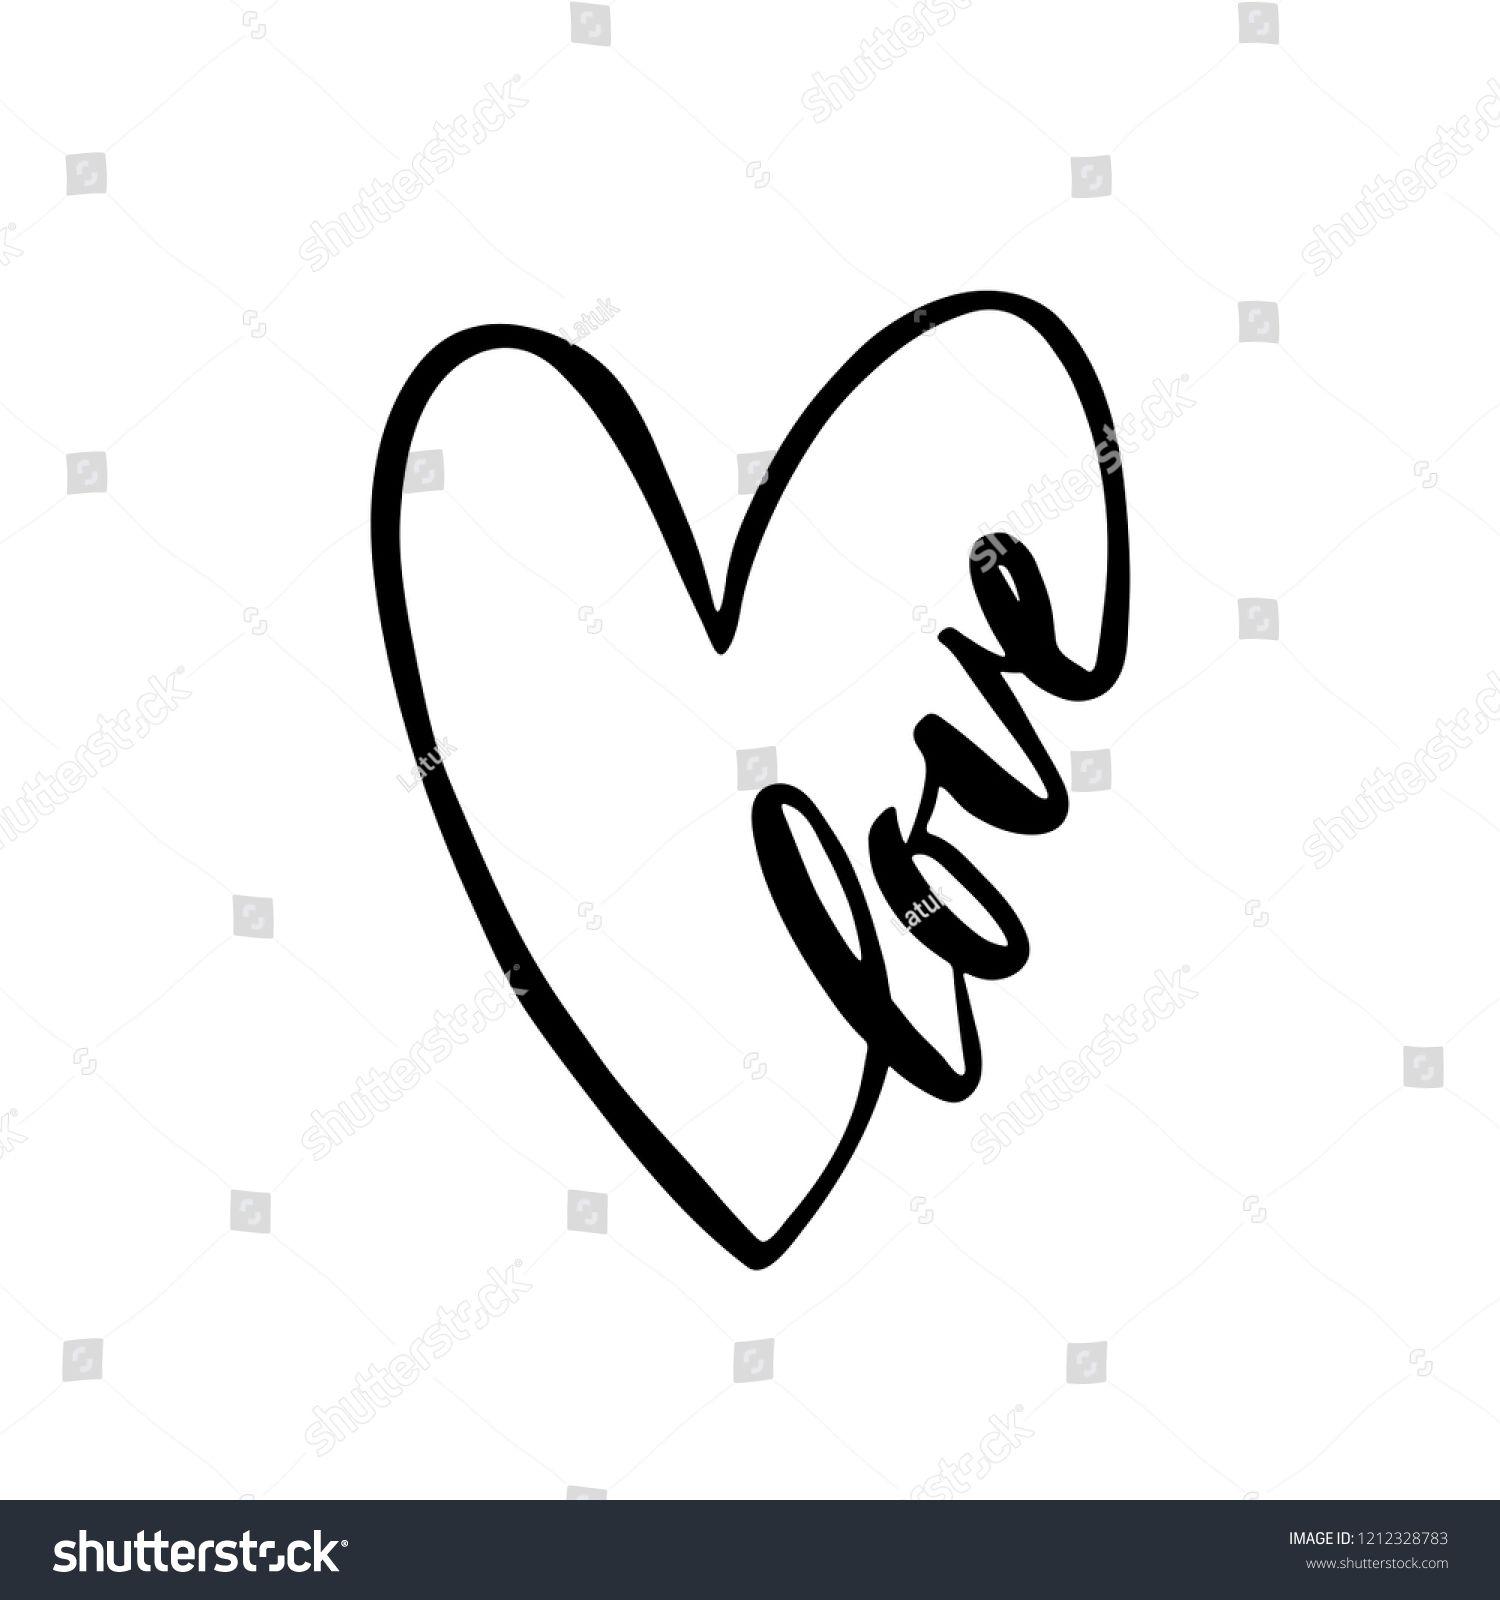 Sketch Of Heart Shape